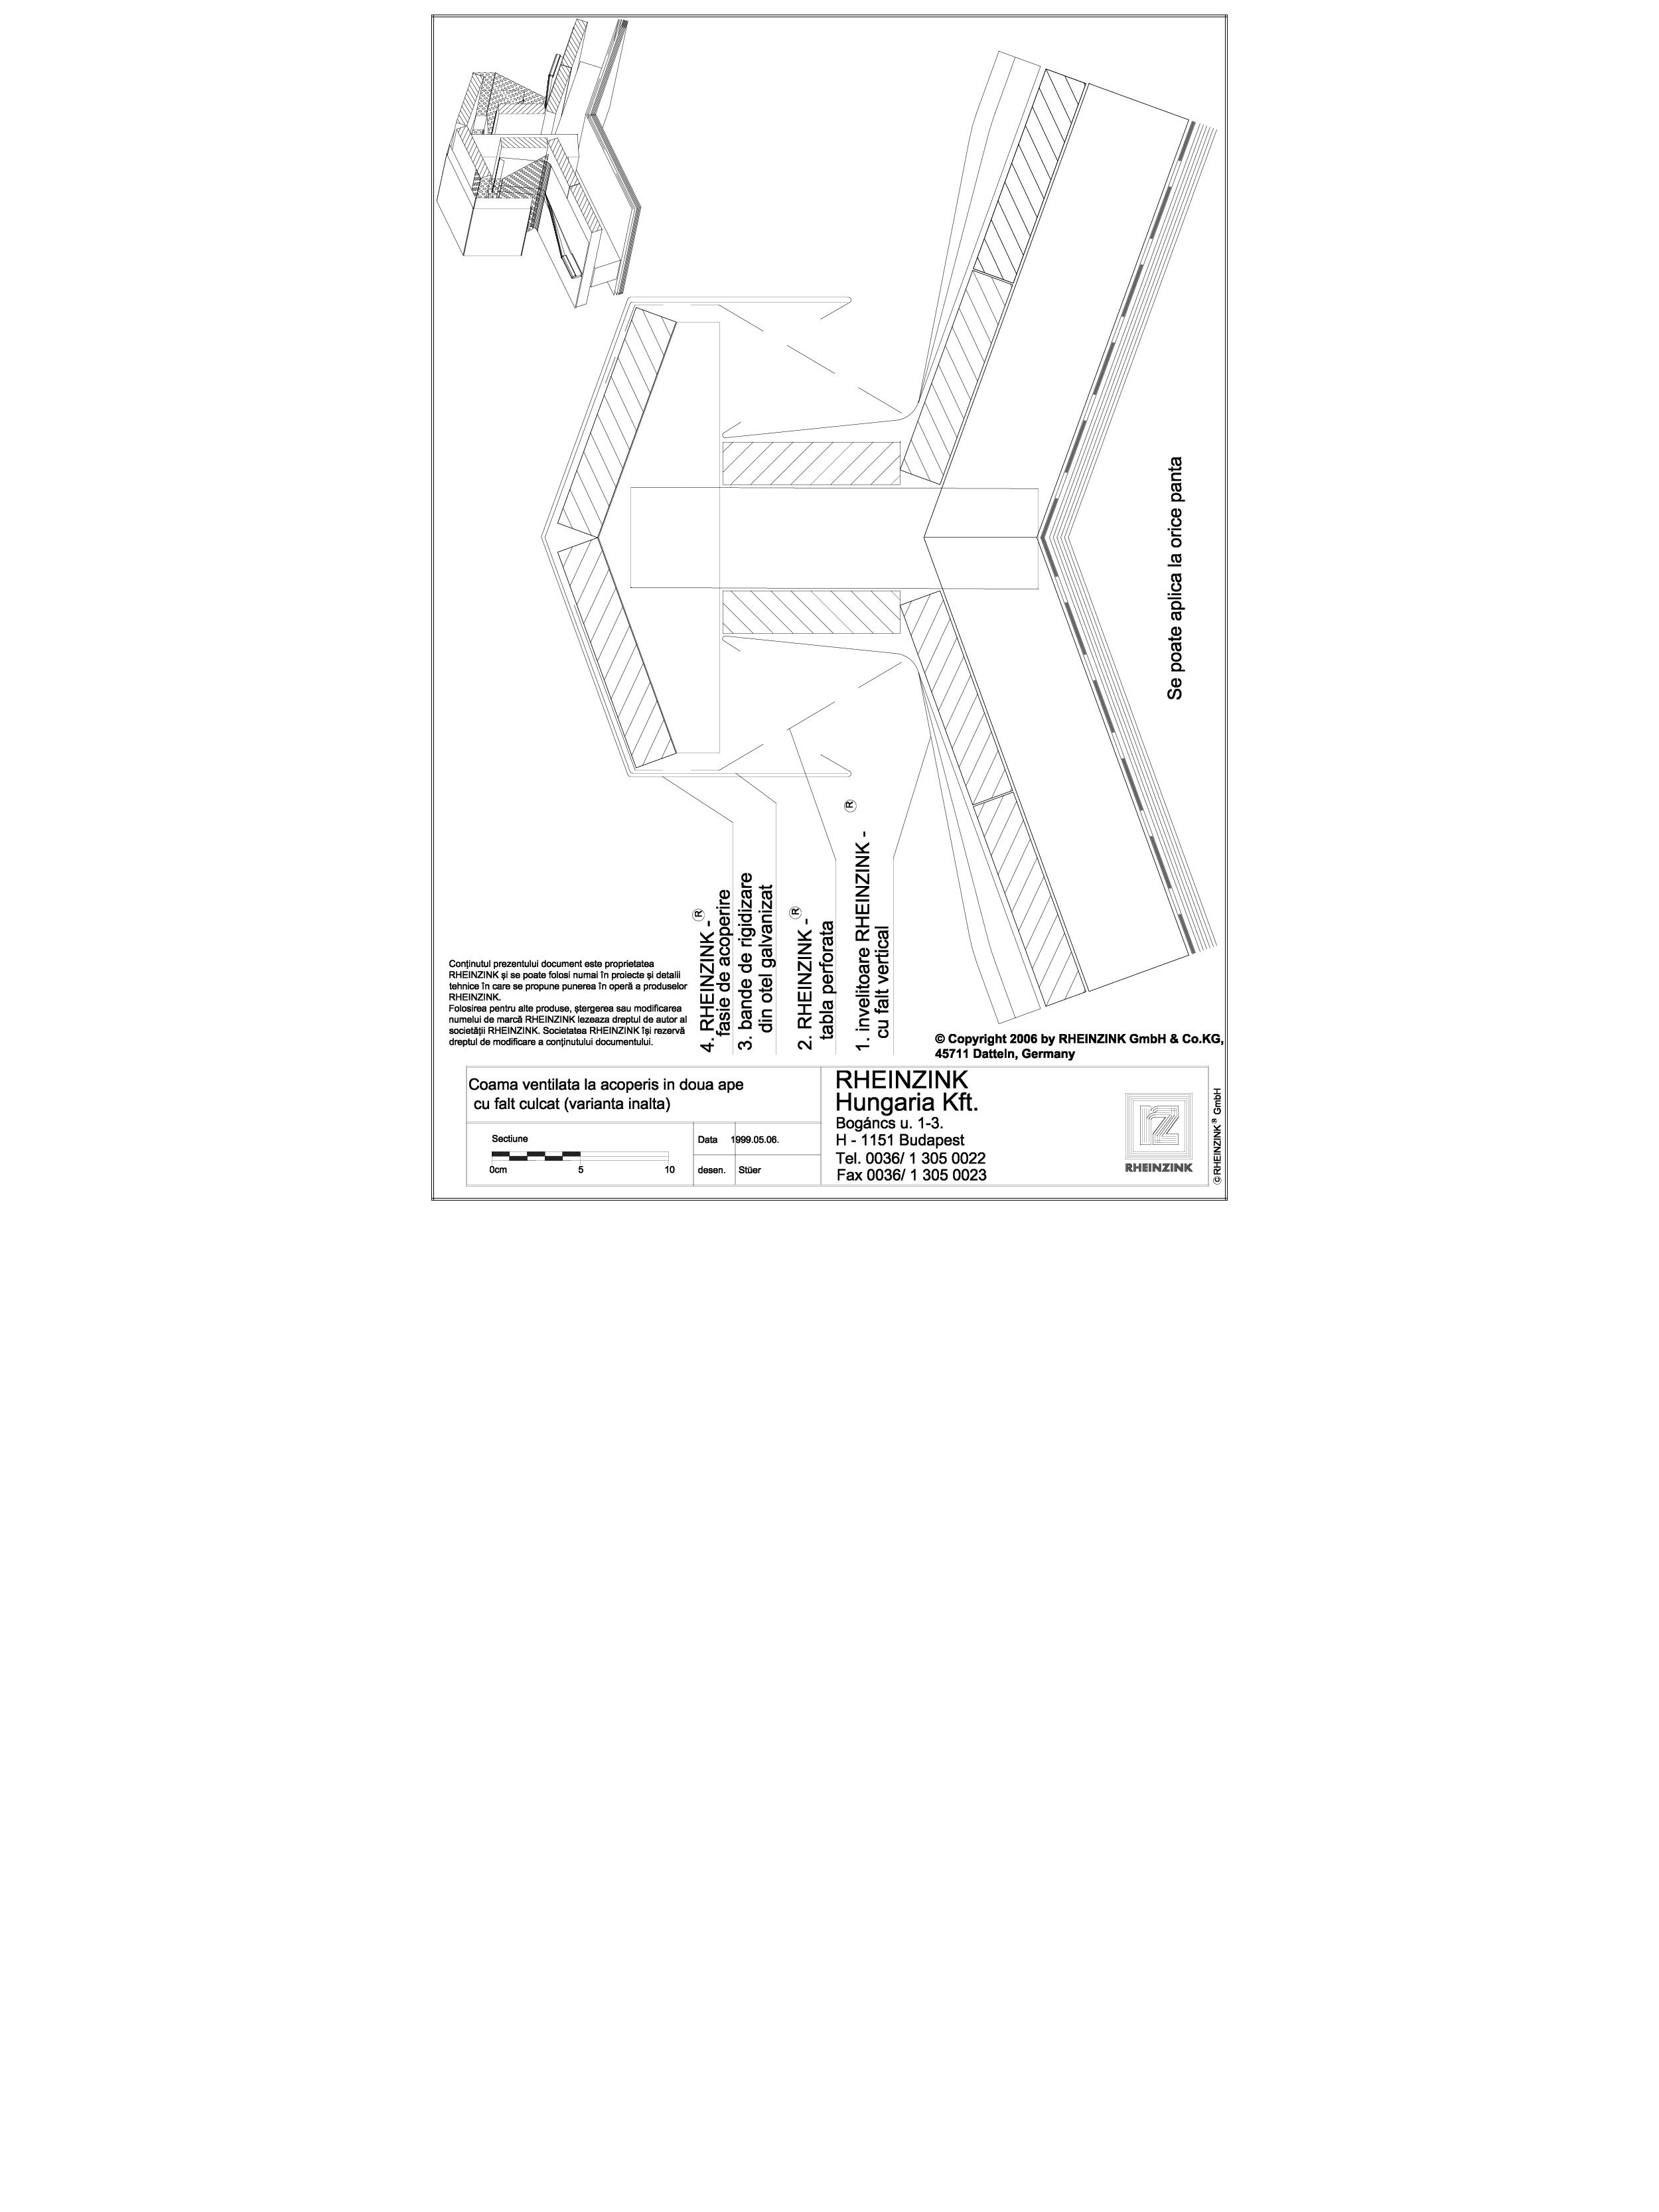 Pagina 1 - CAD-DWG Tabla plana pentru invelitori titan zinc - Coama ventilata la acoperis in doua...